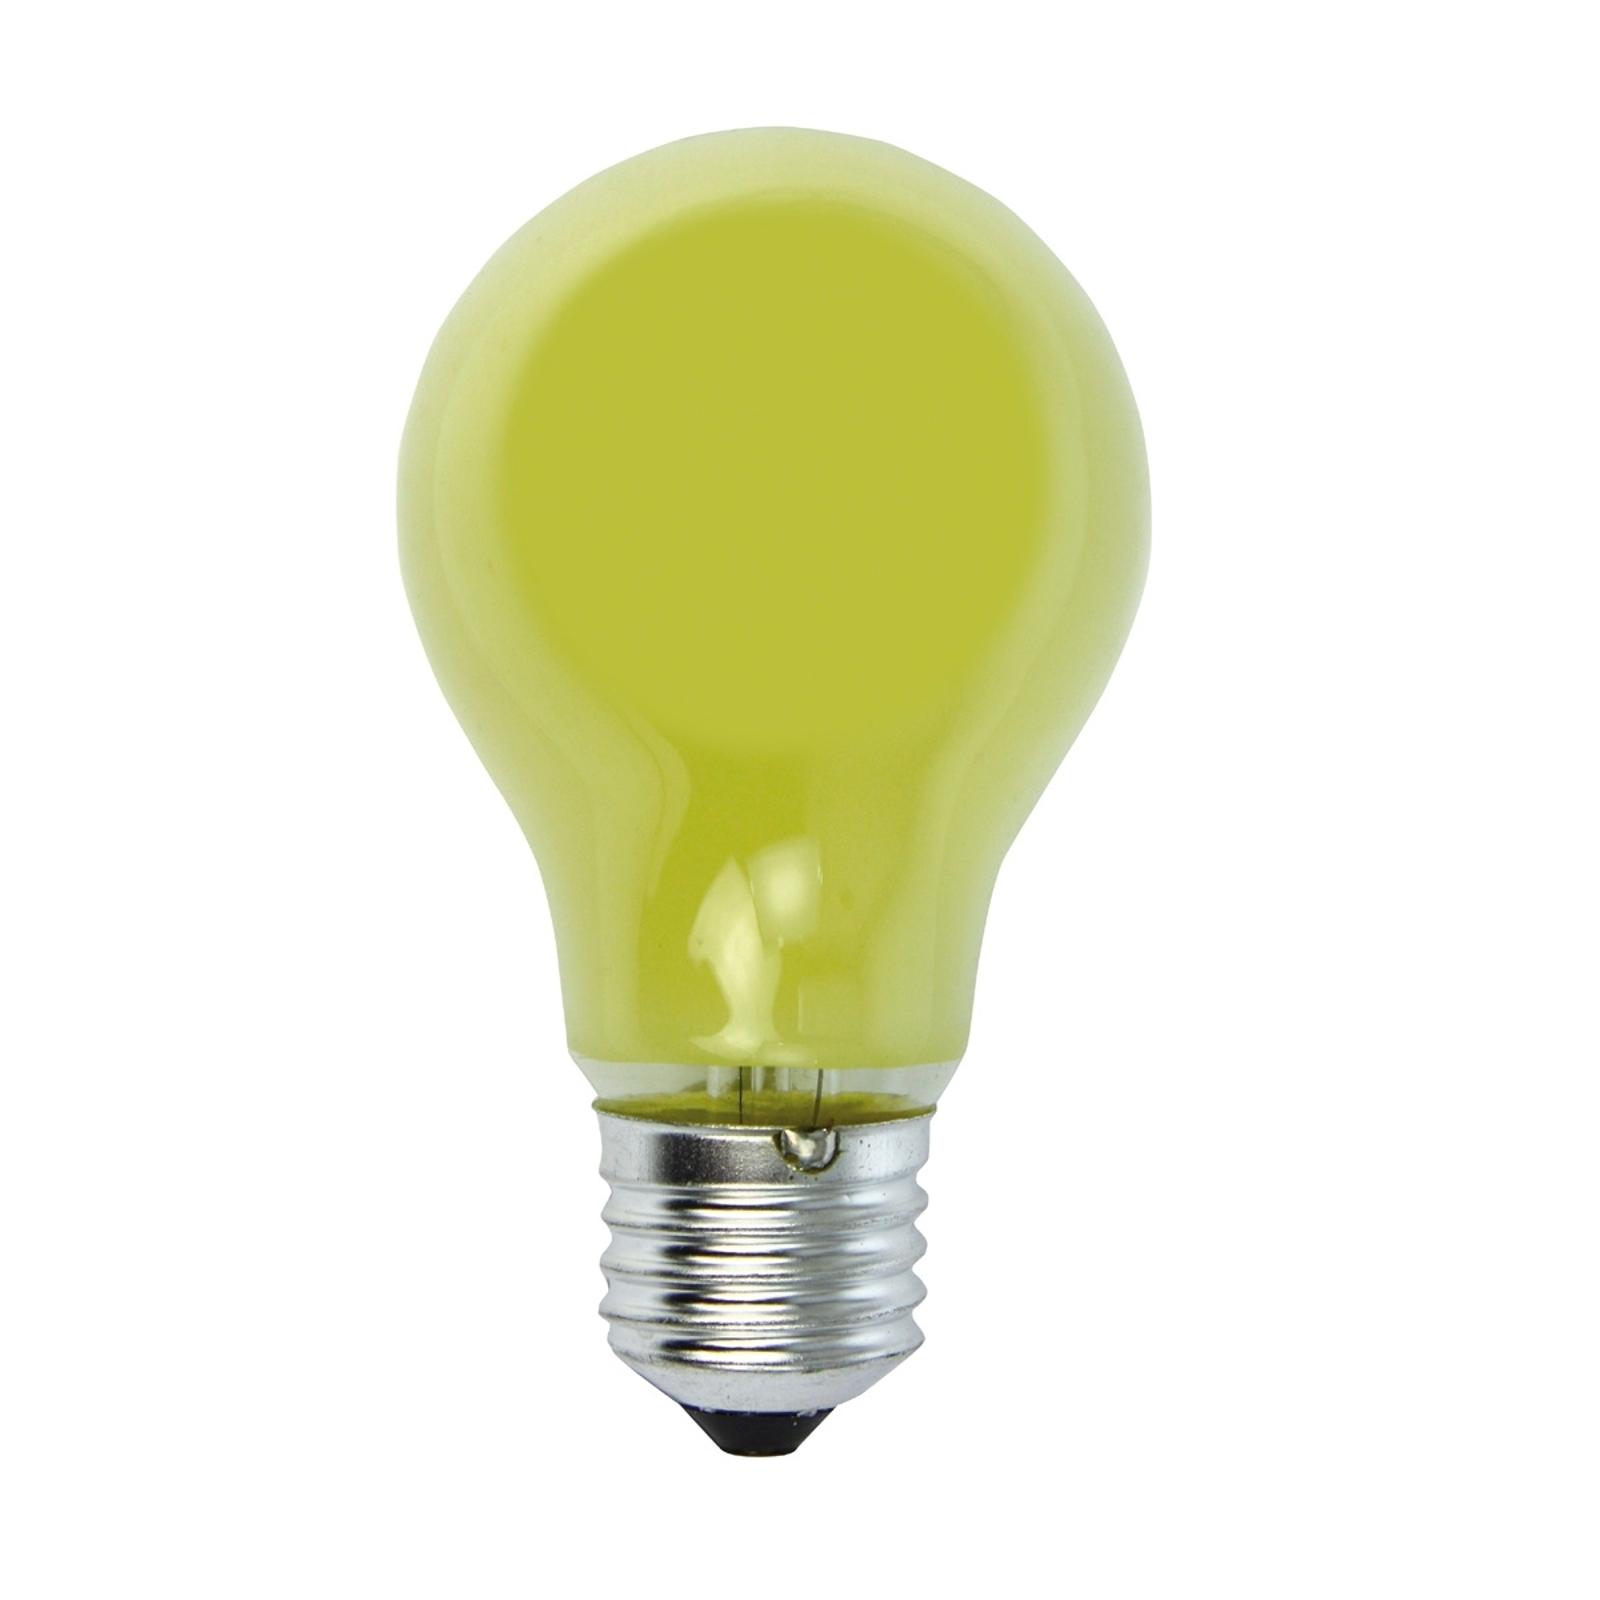 E27 25 W giallo lampadina incand. per luminaria